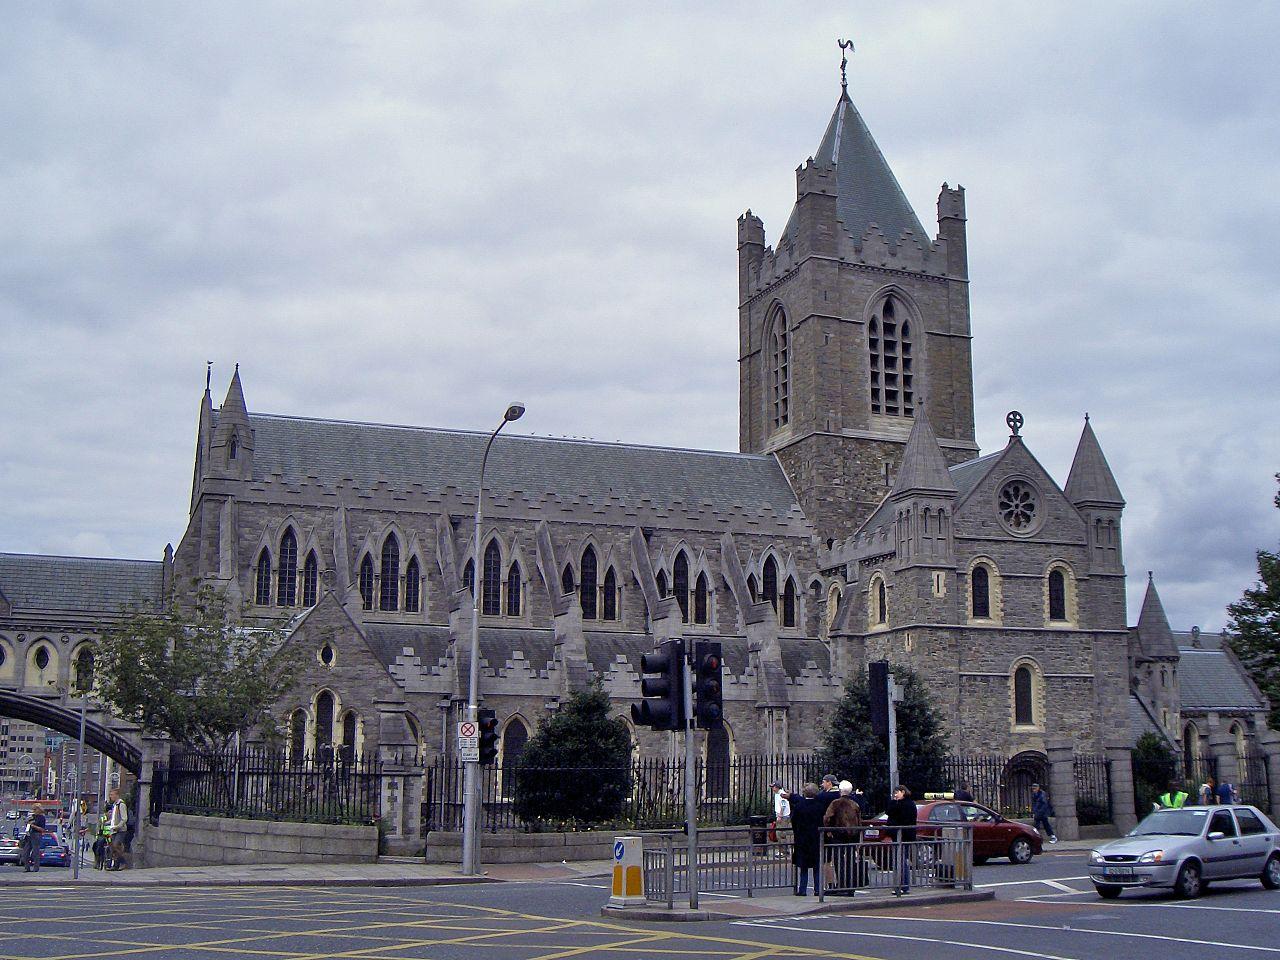 Церковь Крайст-чёрч (собор Церкви Христовой) в Дублине